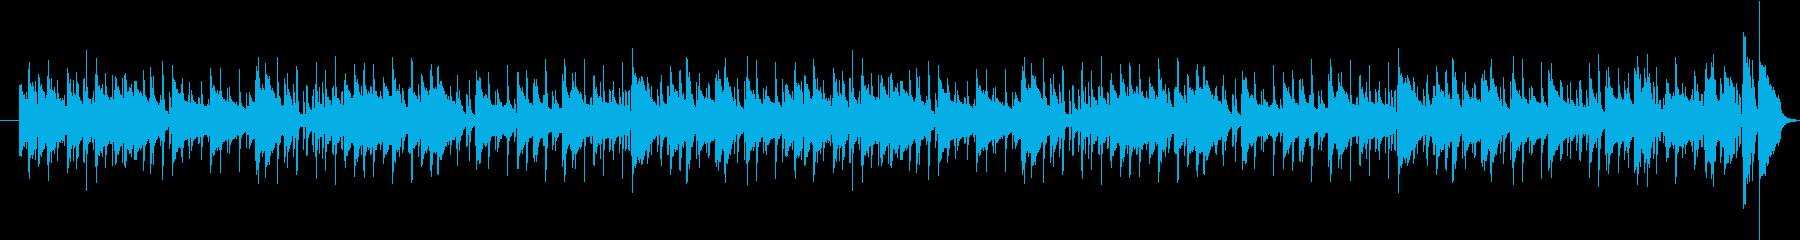 軽快でクラップ音が特徴的なジャズ曲の再生済みの波形